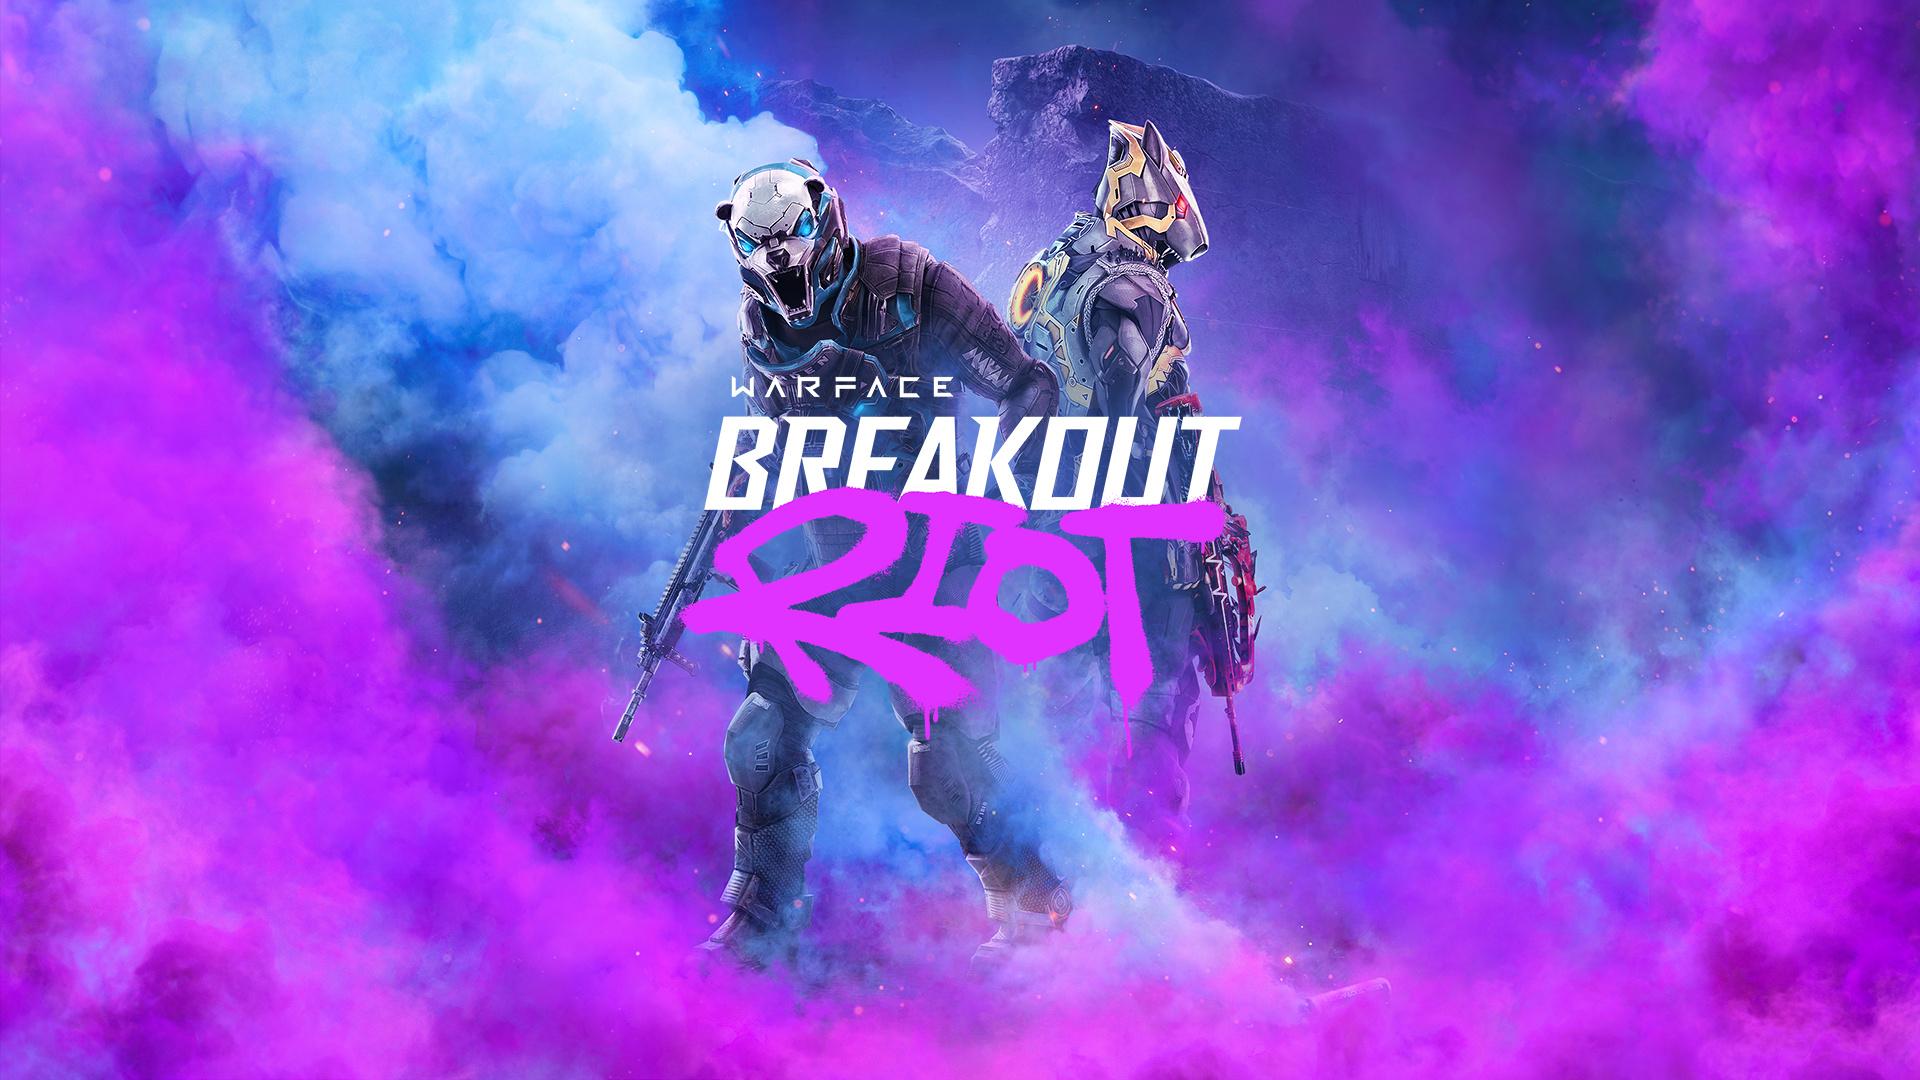 В новом сезоне Warface: Breakout добавили больше экипировки